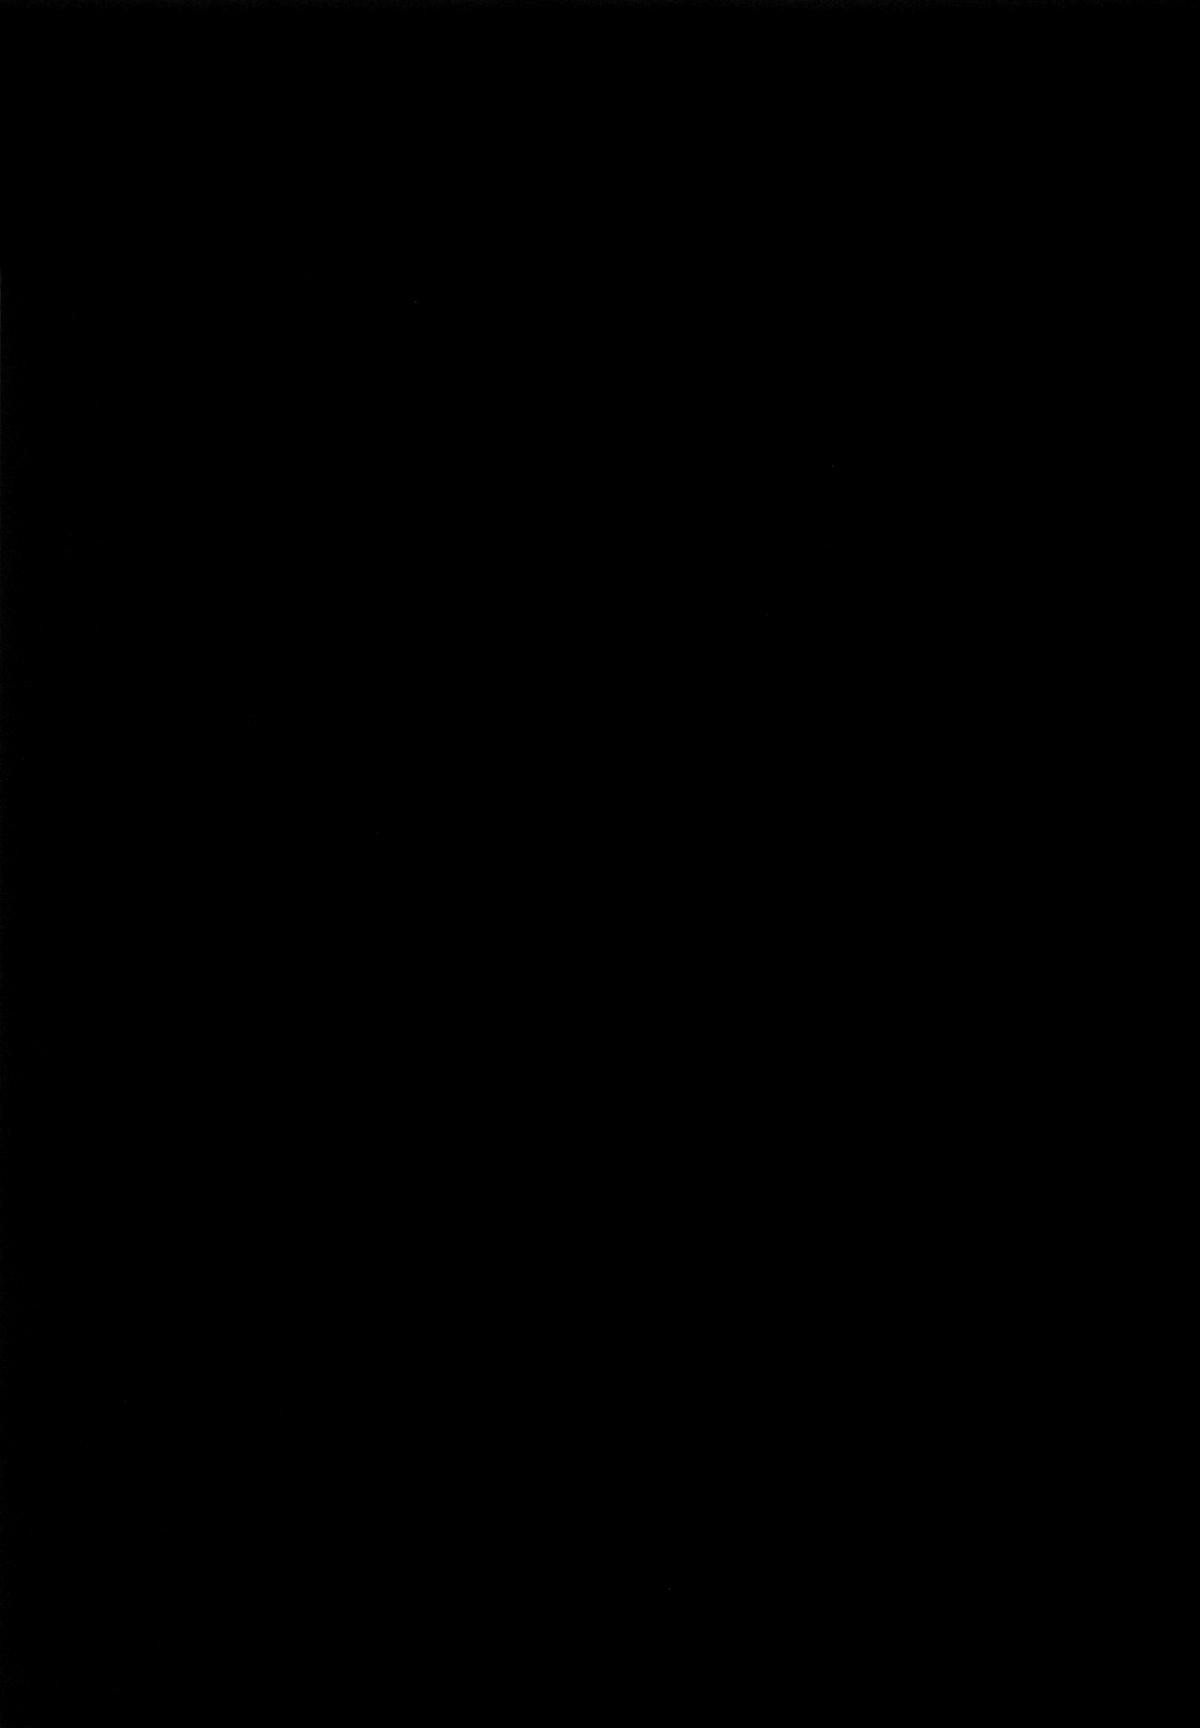 Inmon Megumin - Crotch Tattoo Megumin! 13